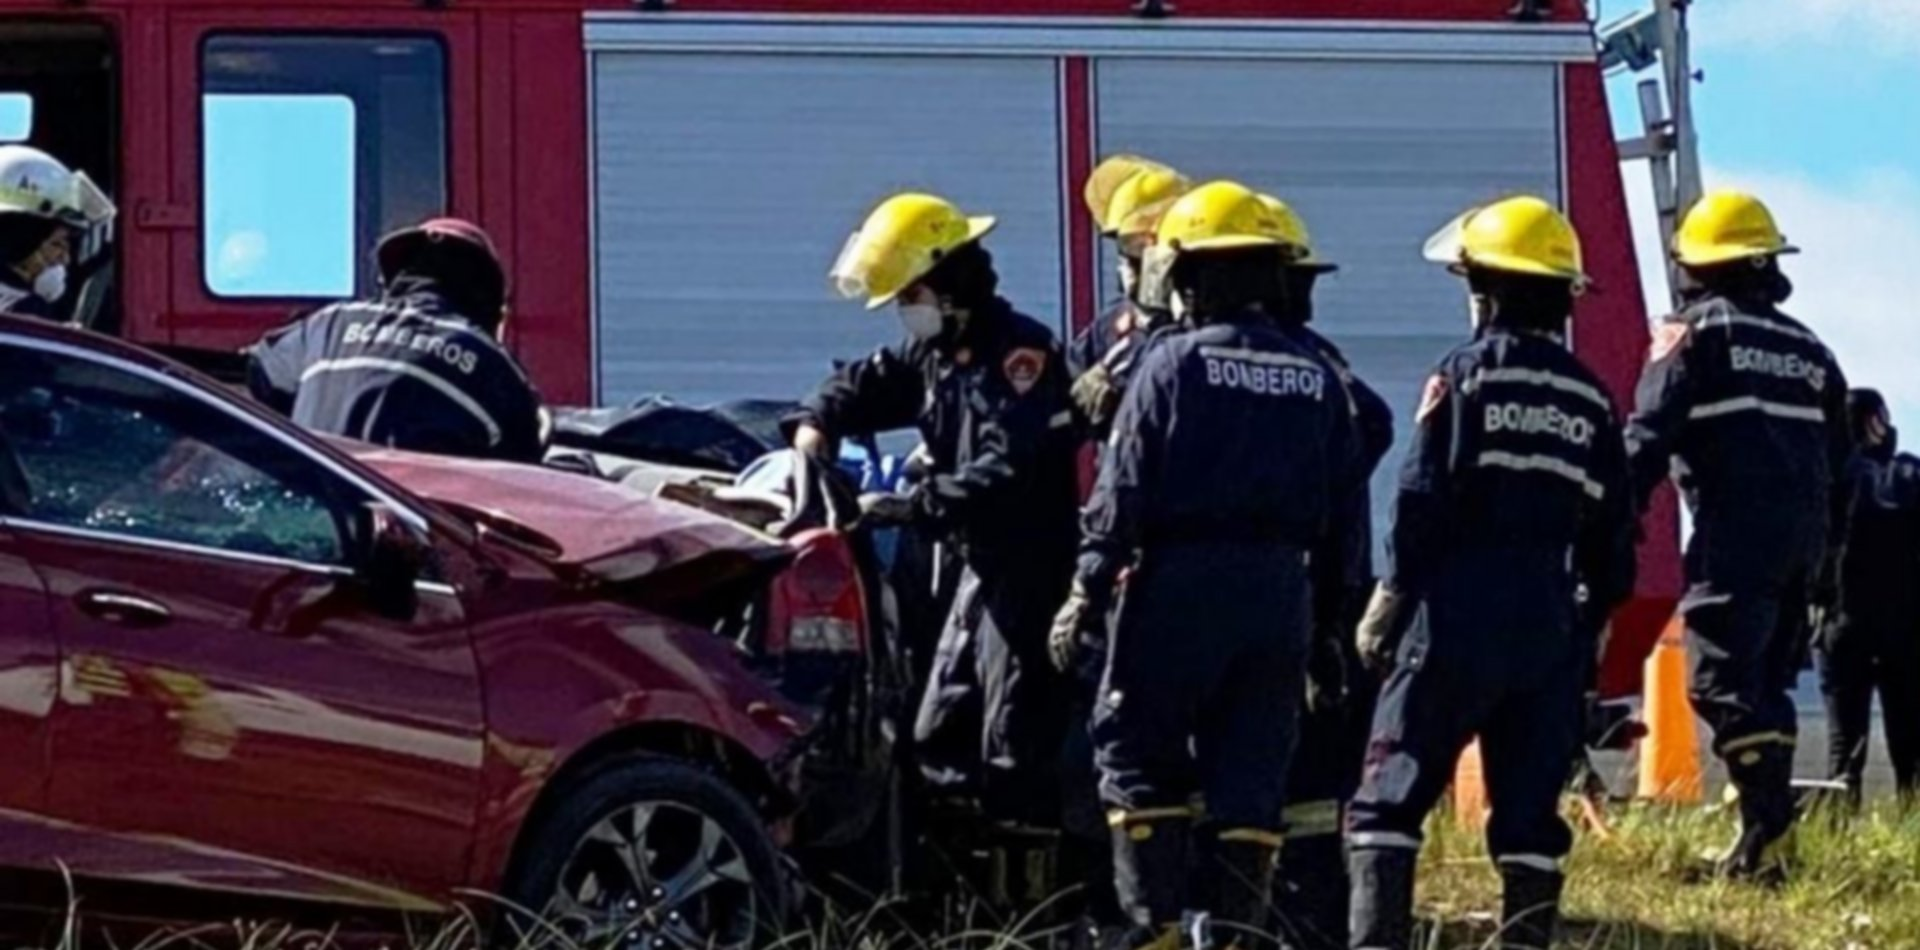 Brutal choque frontal con dos victimas fatales en la Ruta 11